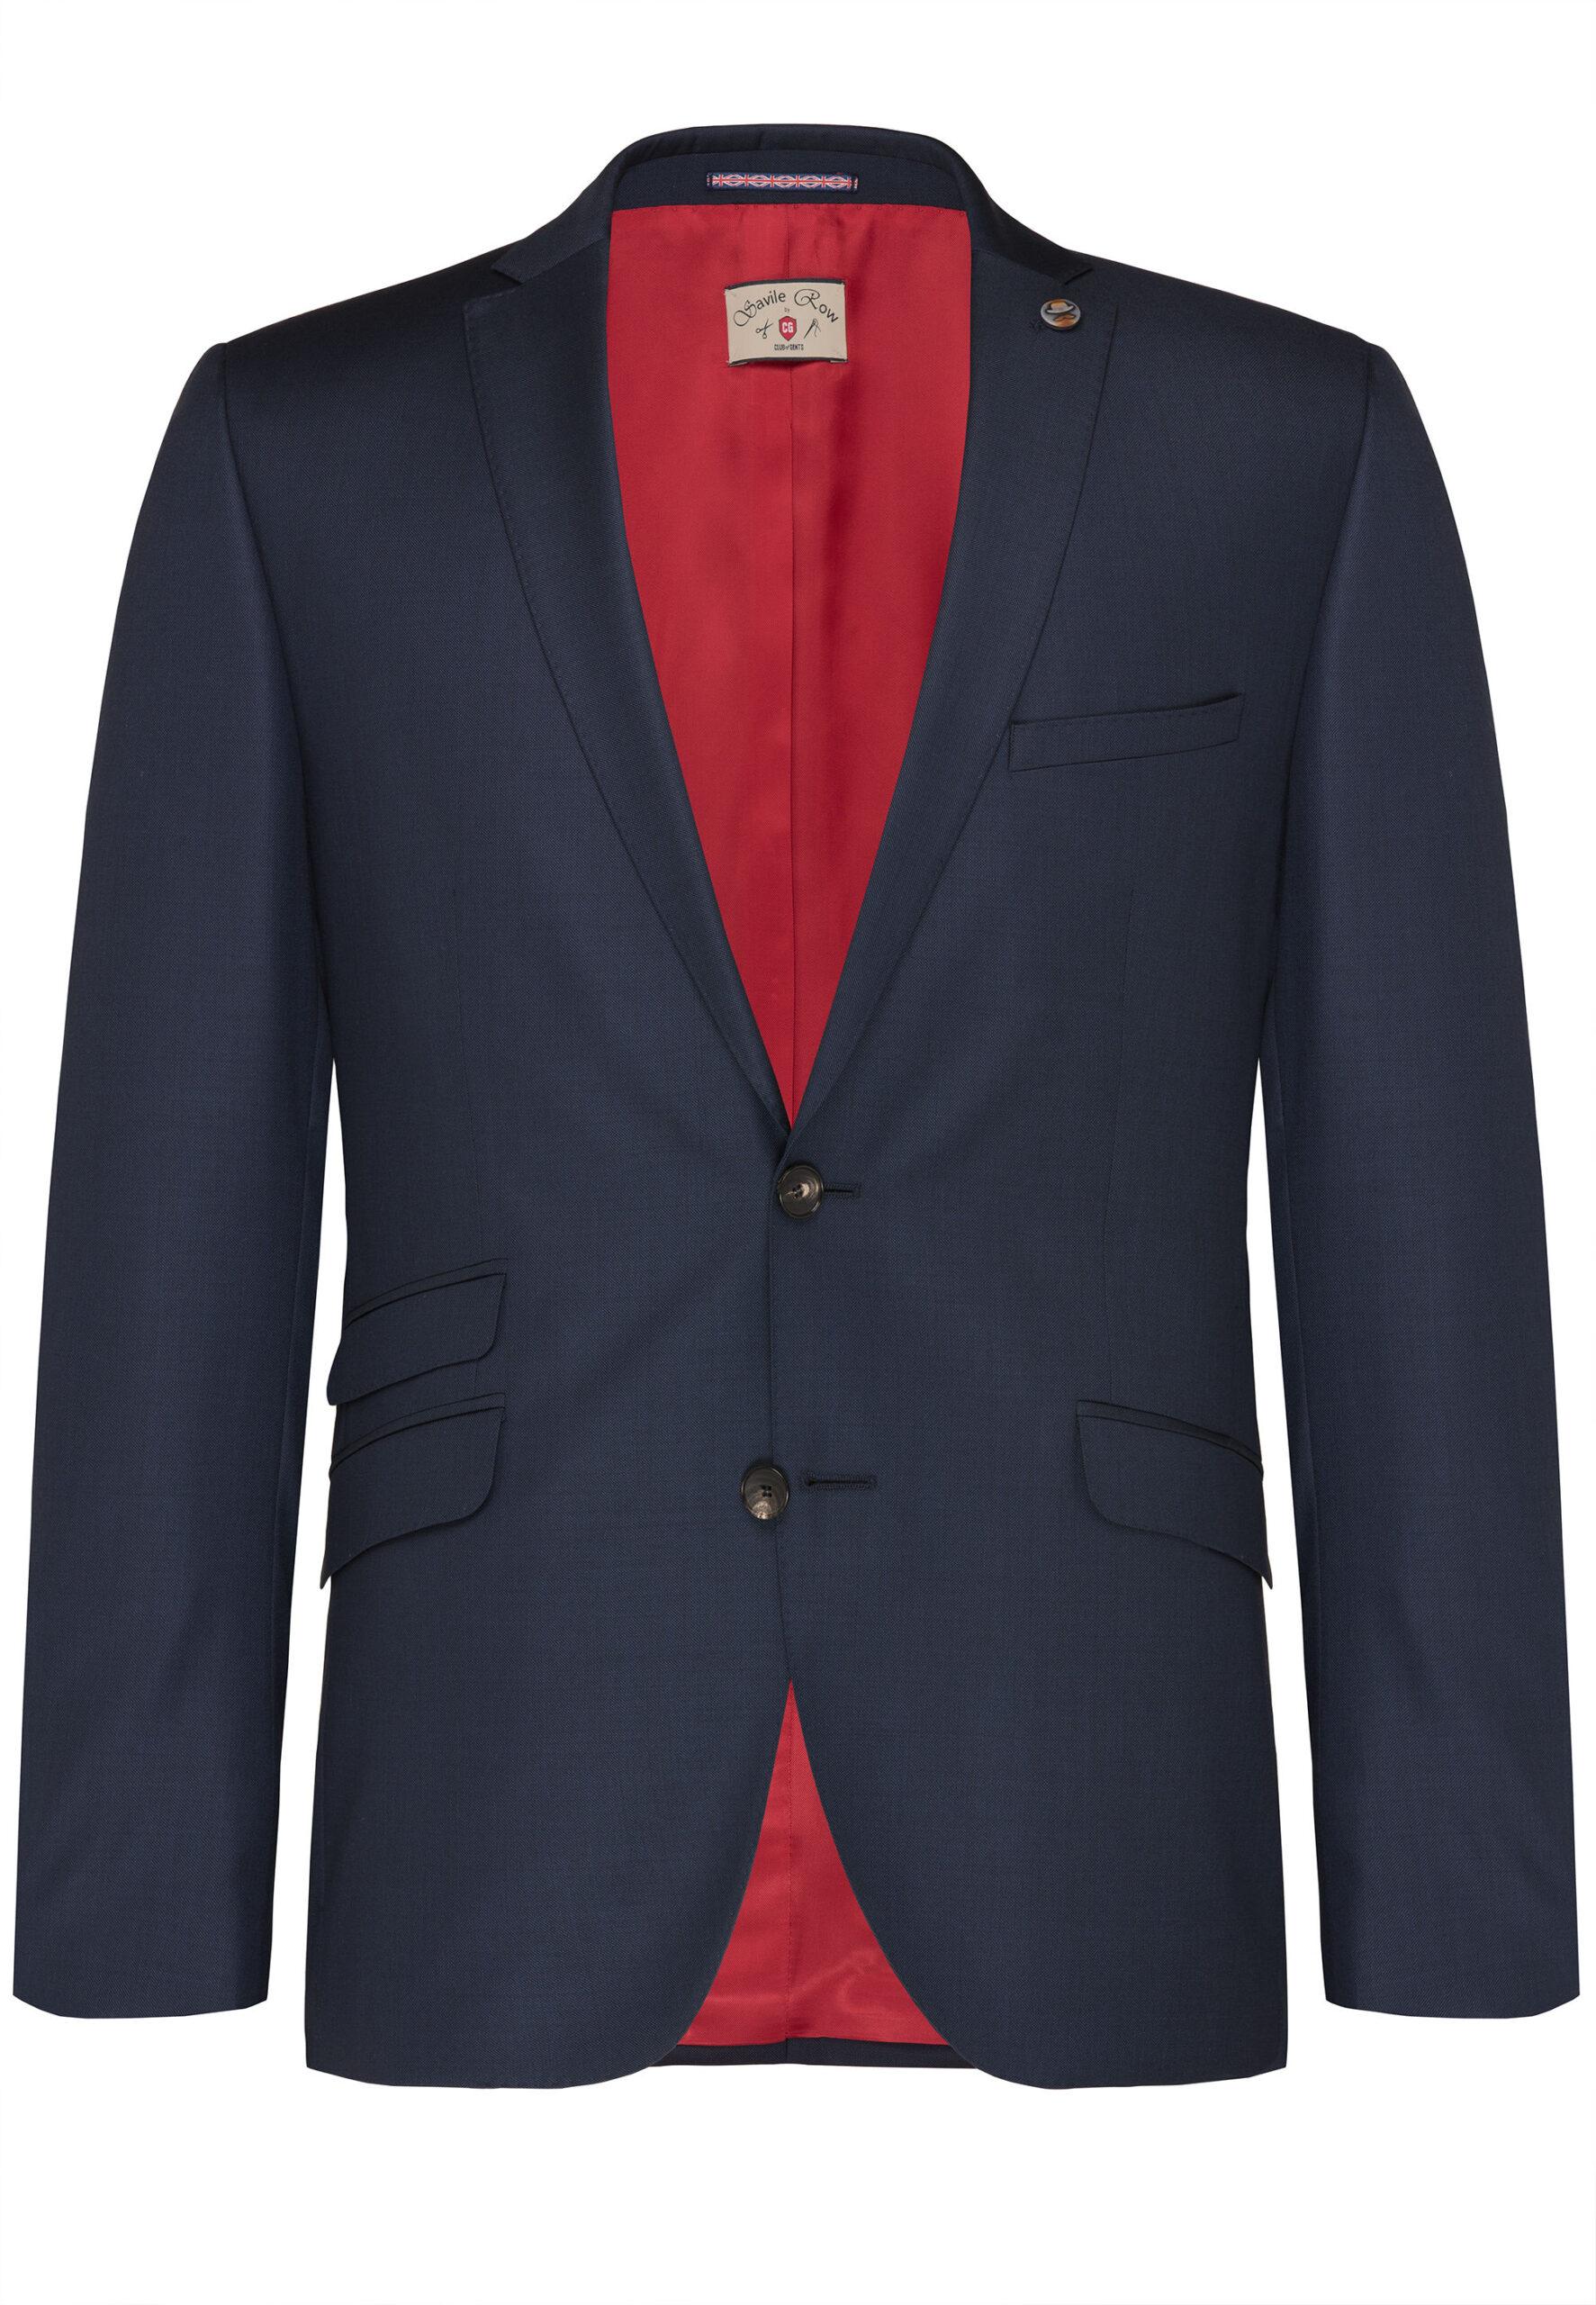 40-016N0-63 Savile Row jas voor